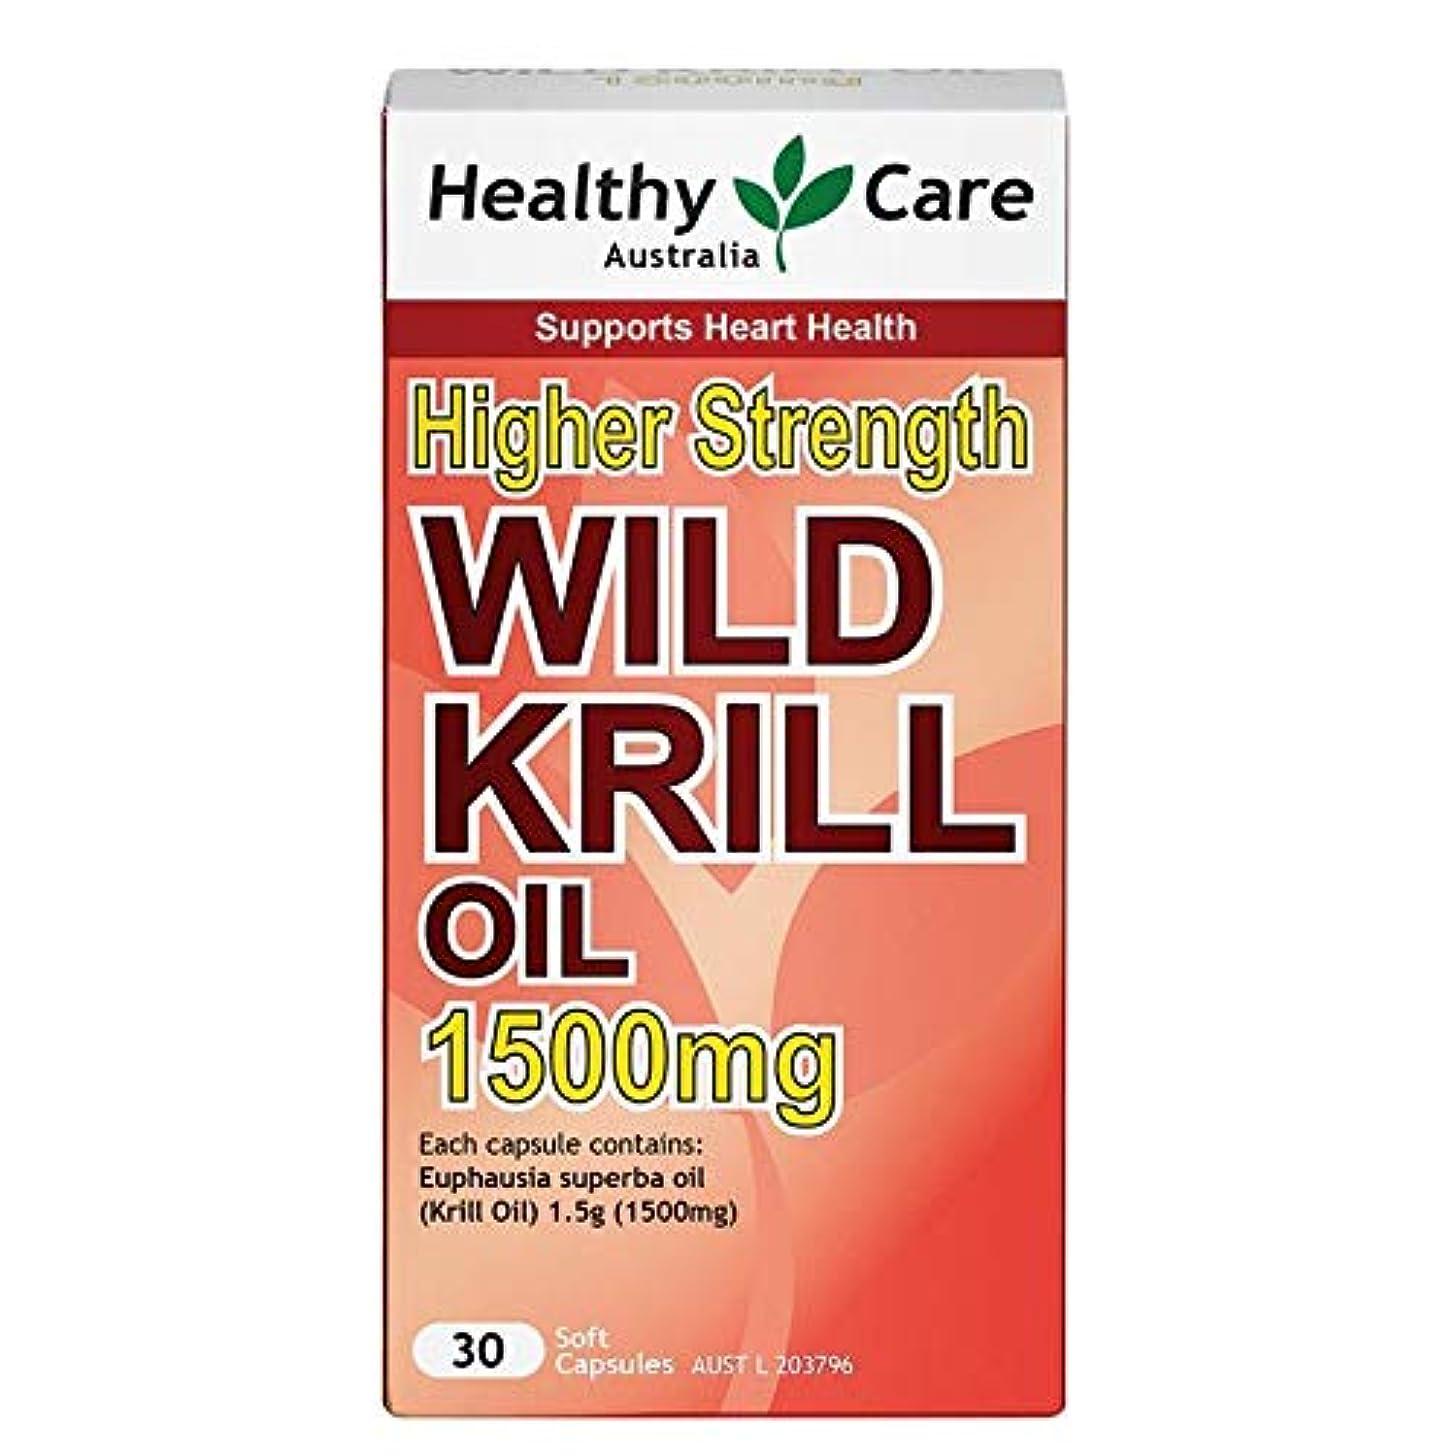 製油所習熟度ペストリー[Health Care]ワイルドオキアミオイル (30cap) Wild Krill Oil 1500mg [海外直送品]